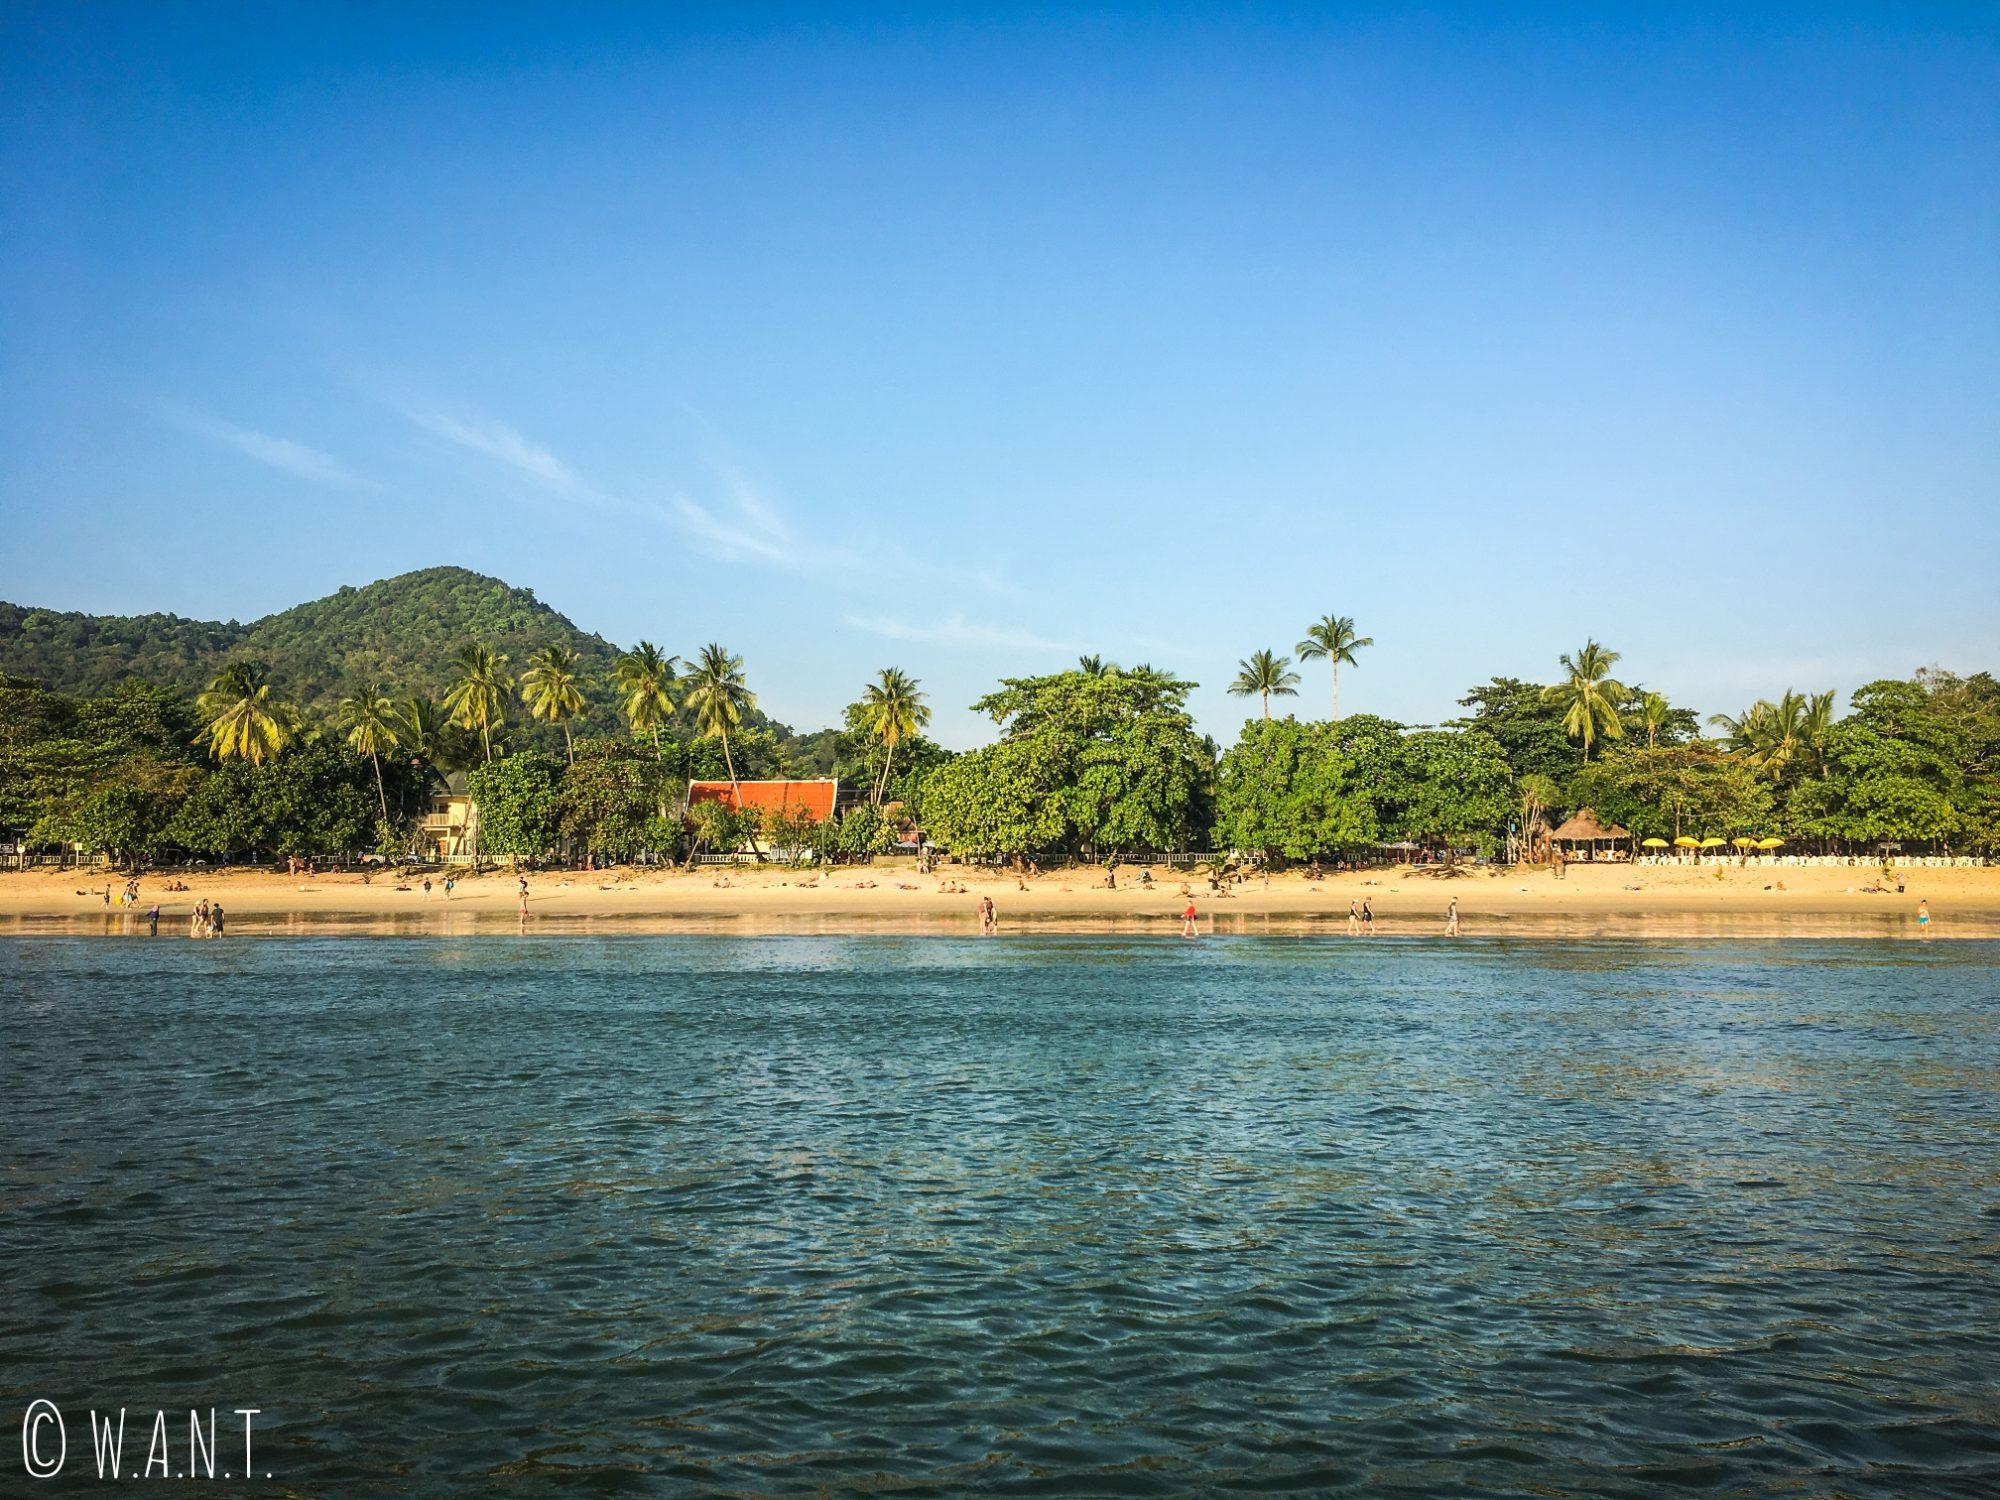 Vue sur la plage de Ao Nang depuis la mer dans la province de Krabi